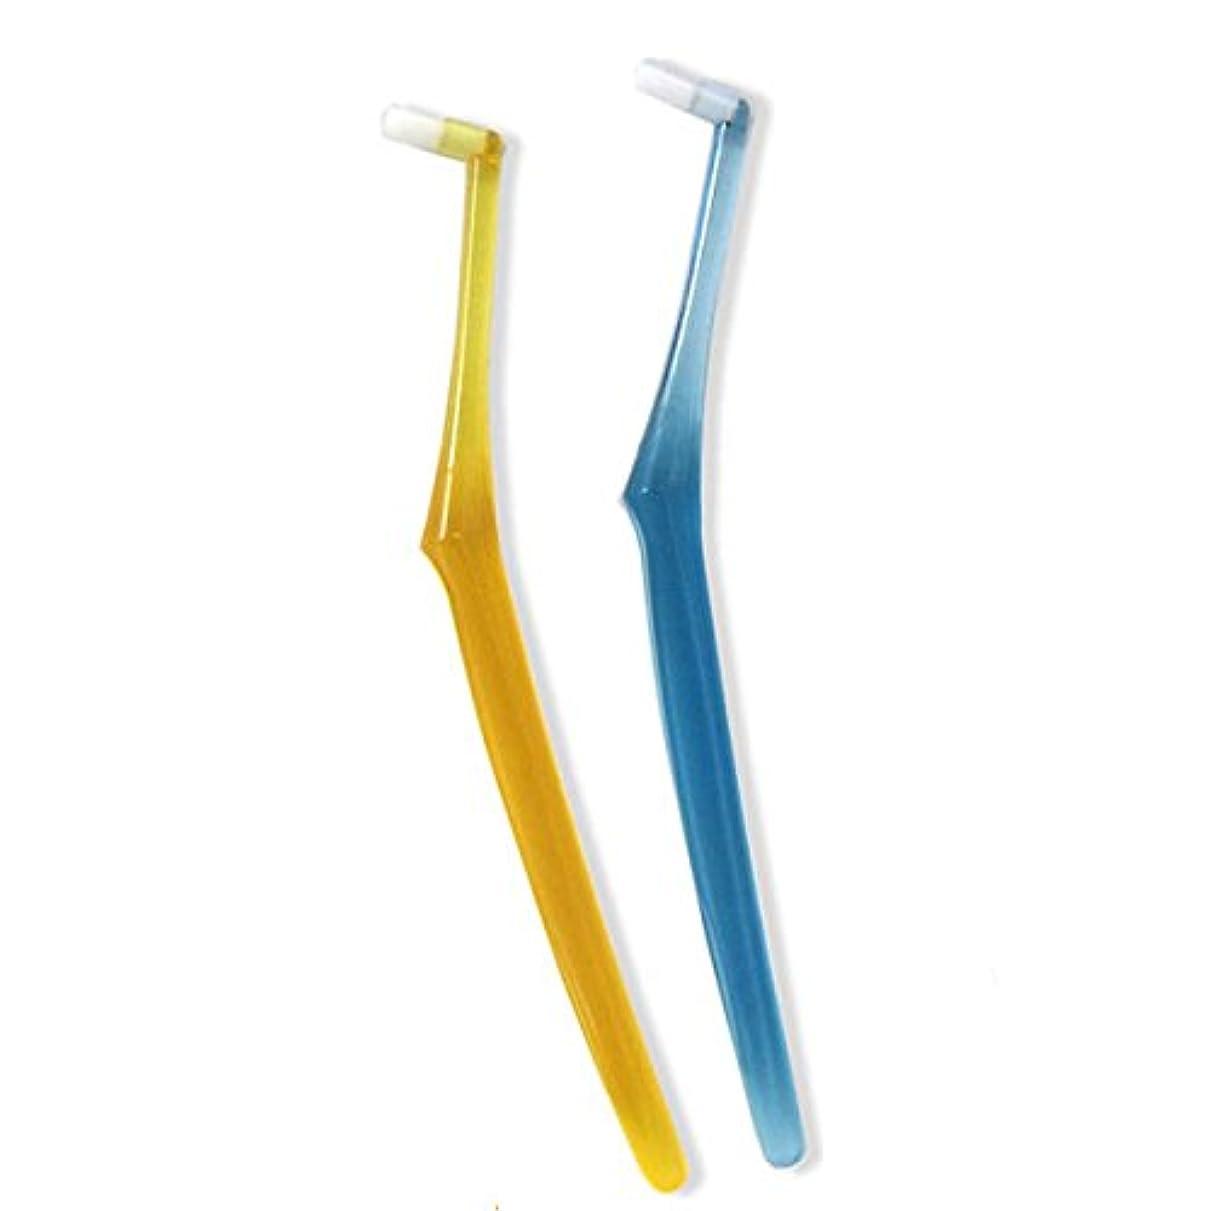 しなやか保全危険なワンタフト インプロインプラント専用 歯ブラシ 4本セット (S(ソフト))